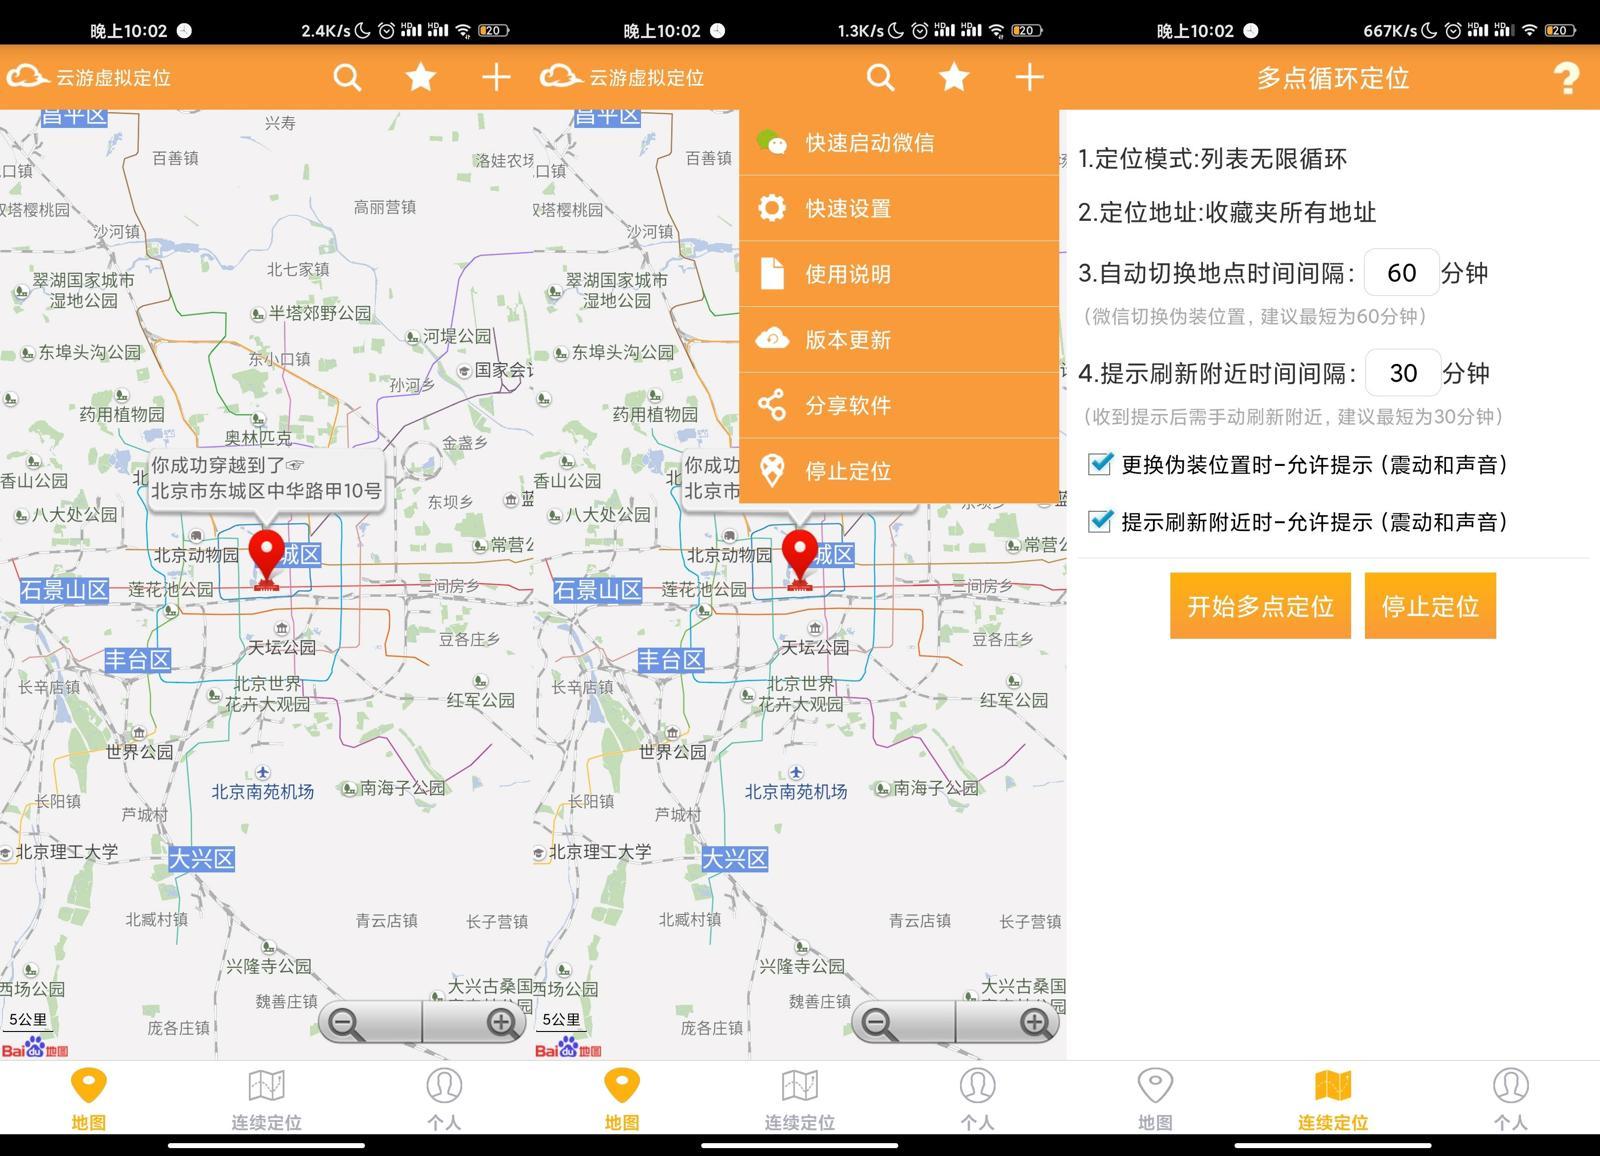 云游虚拟定位v5.7绿化版-树荣社区